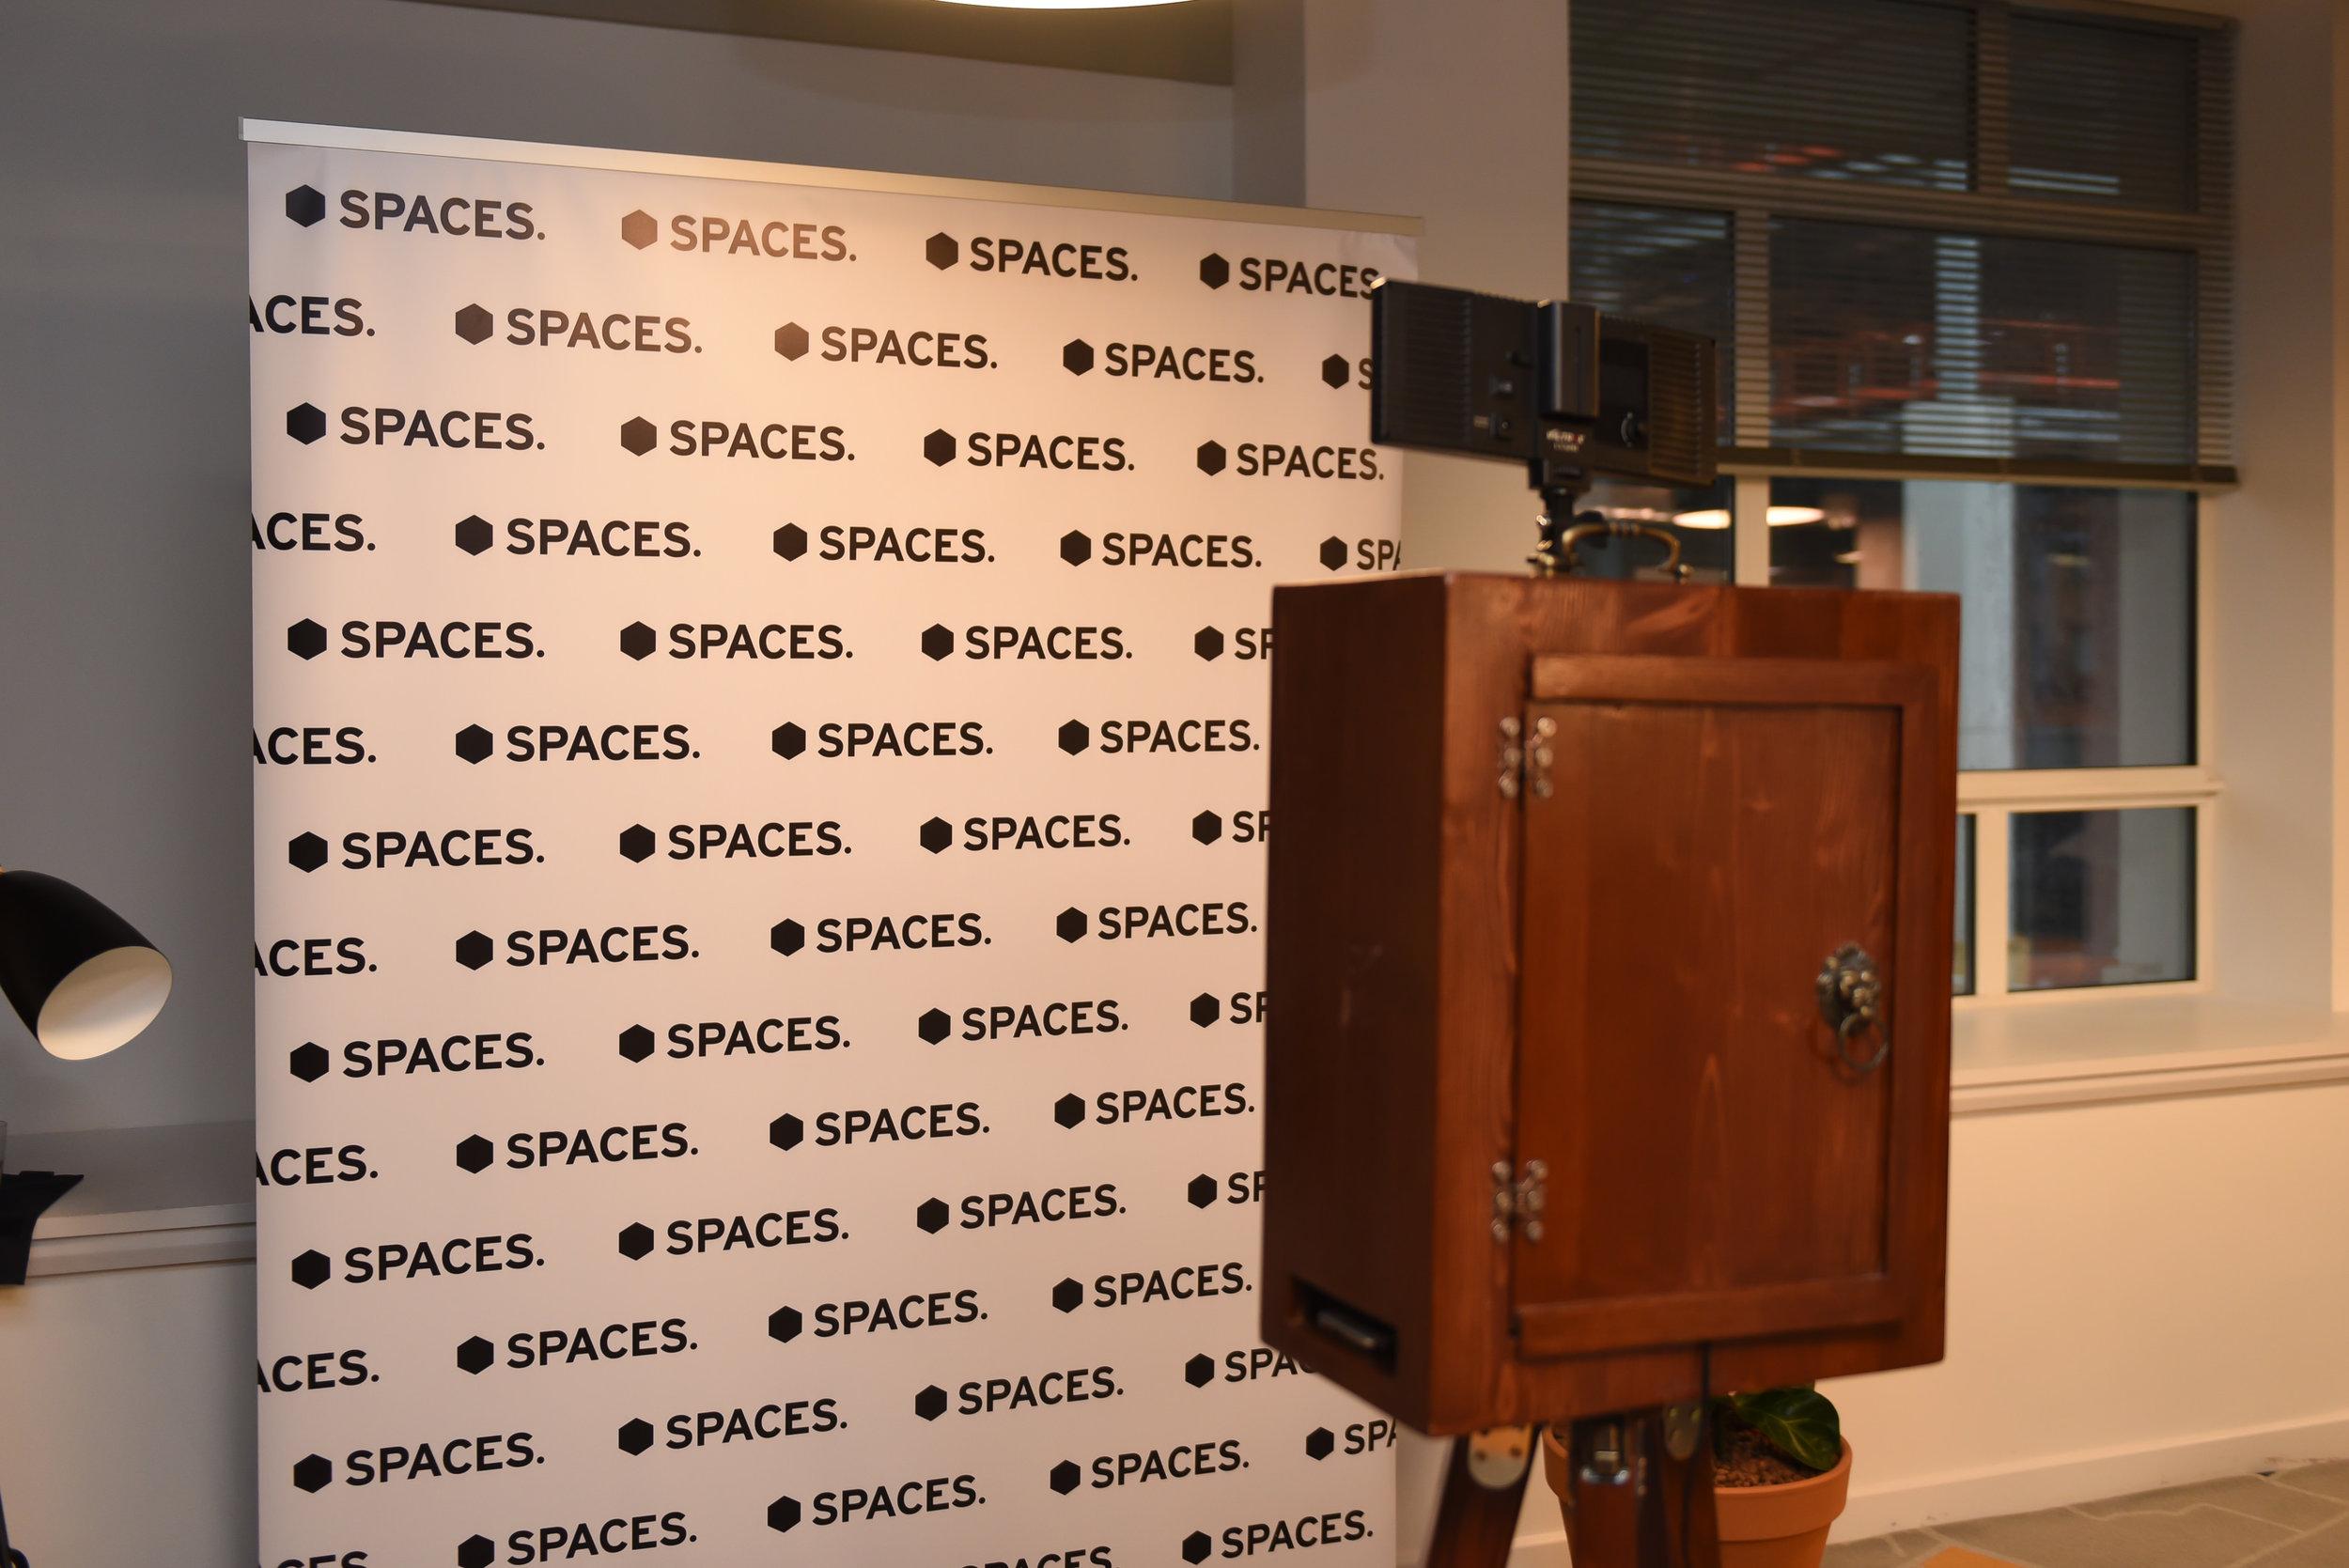 SpacesMCR_Launch_50.jpg